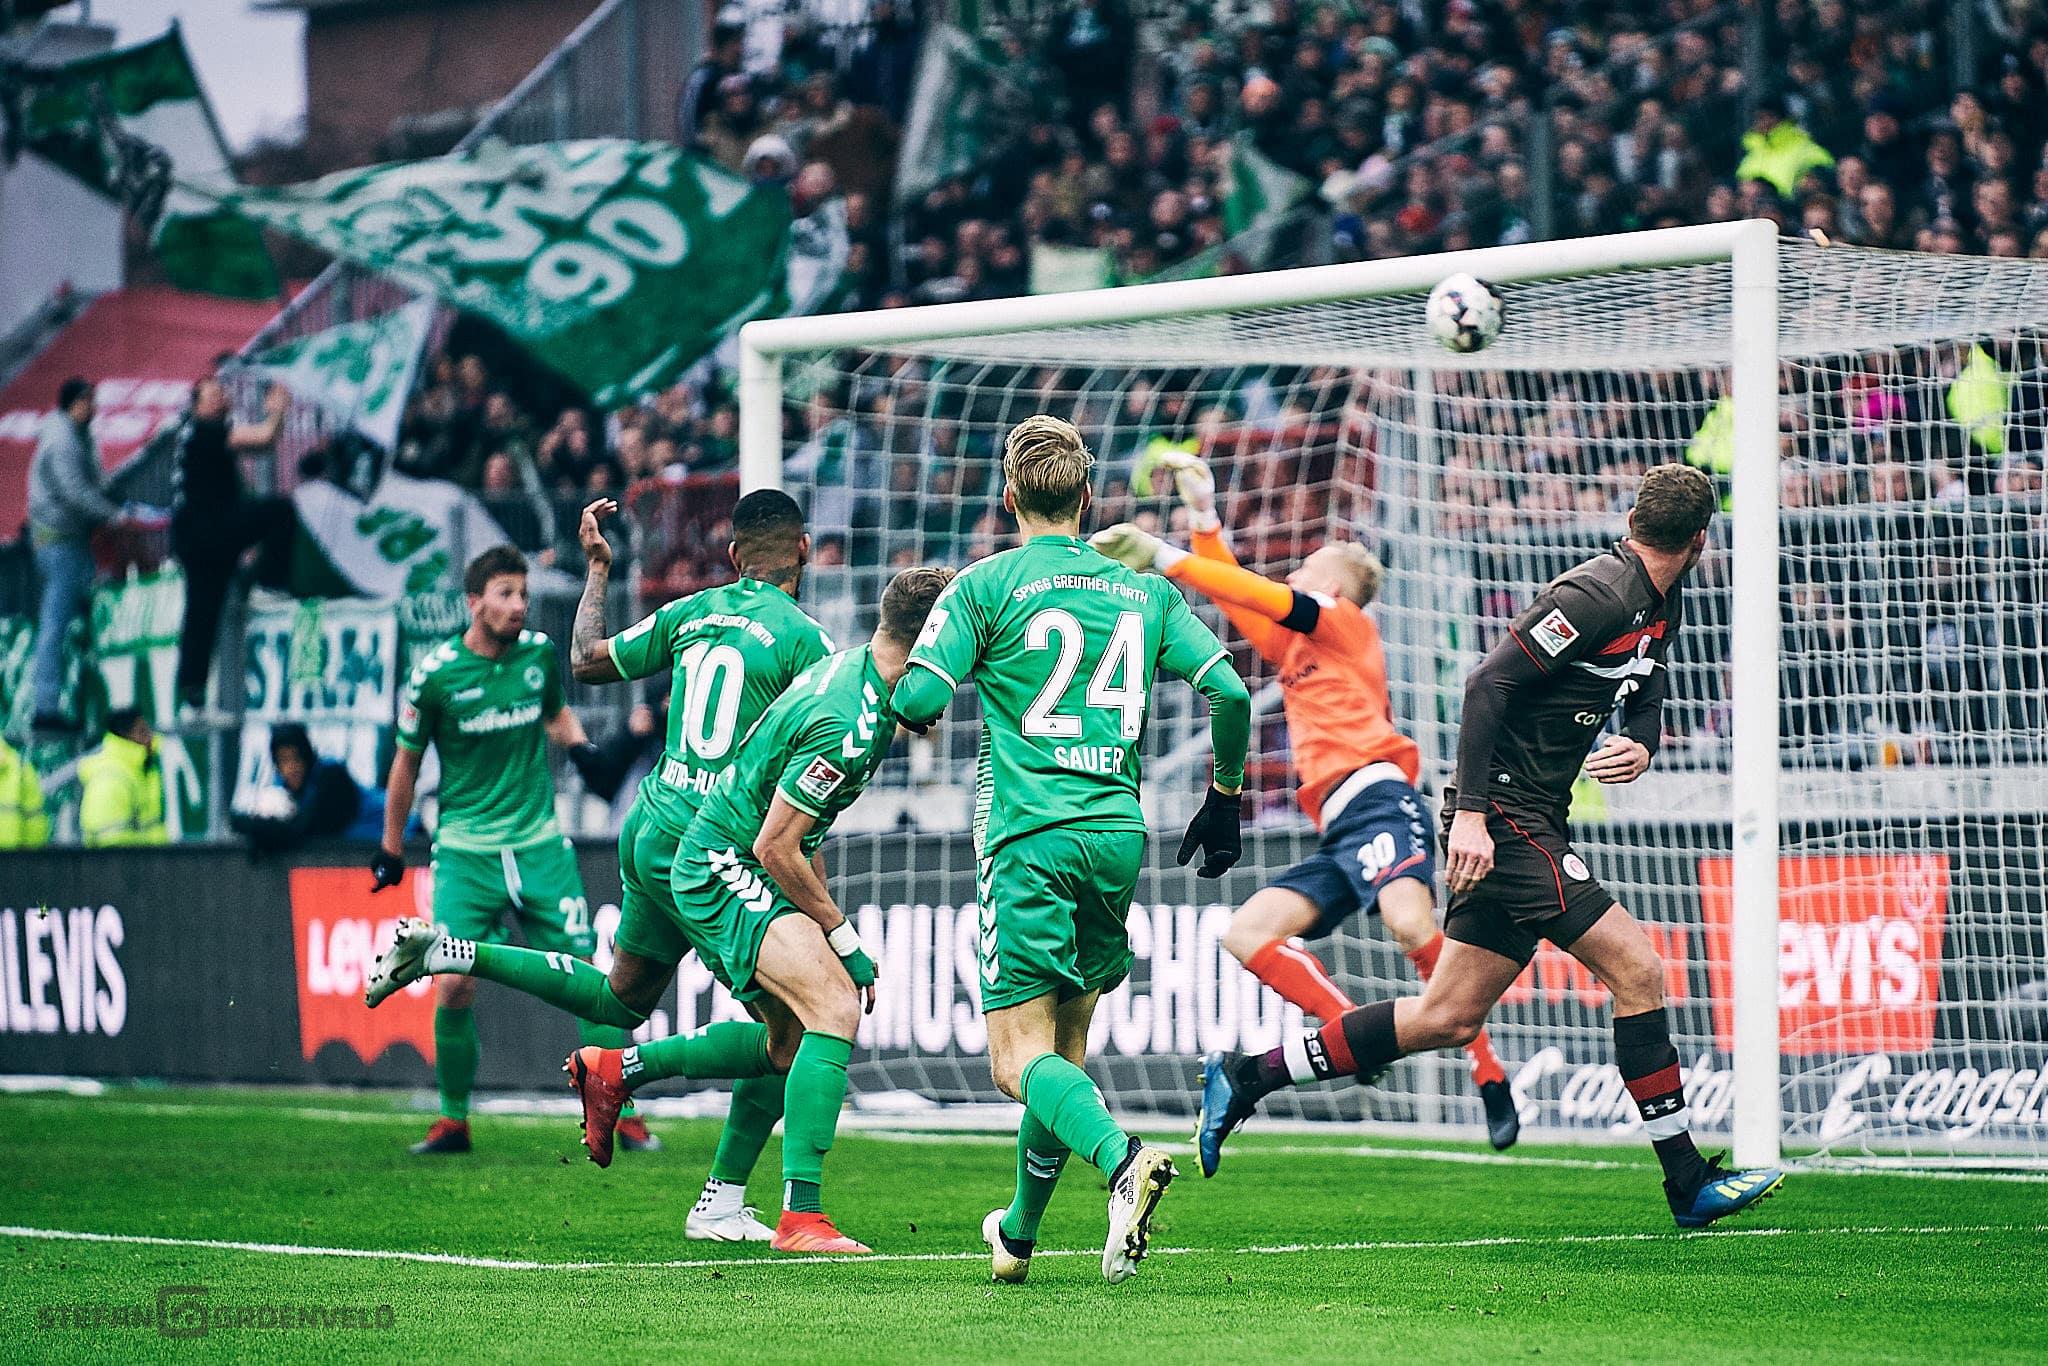 Vor dem Spiel – SpVgg Greuther Fürth (H) – Spieltag 2 – Saison 2018/2019